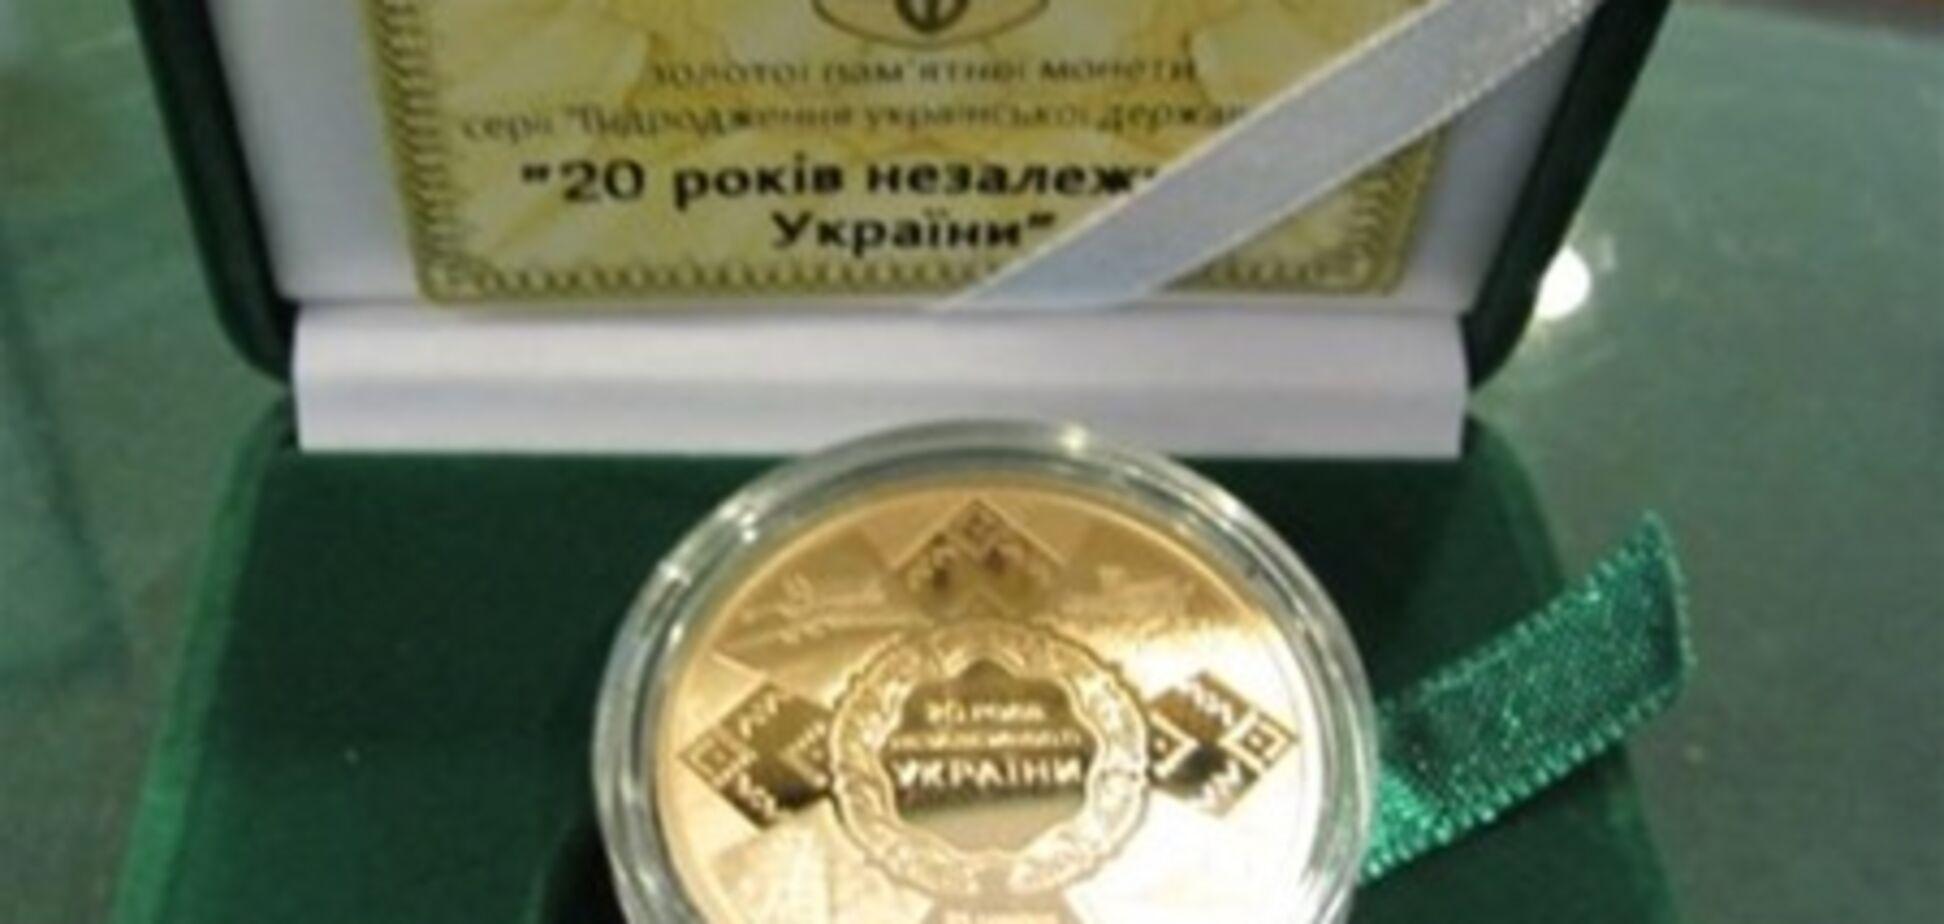 Українці зможуть зберігати заощадження у золотих гривнях